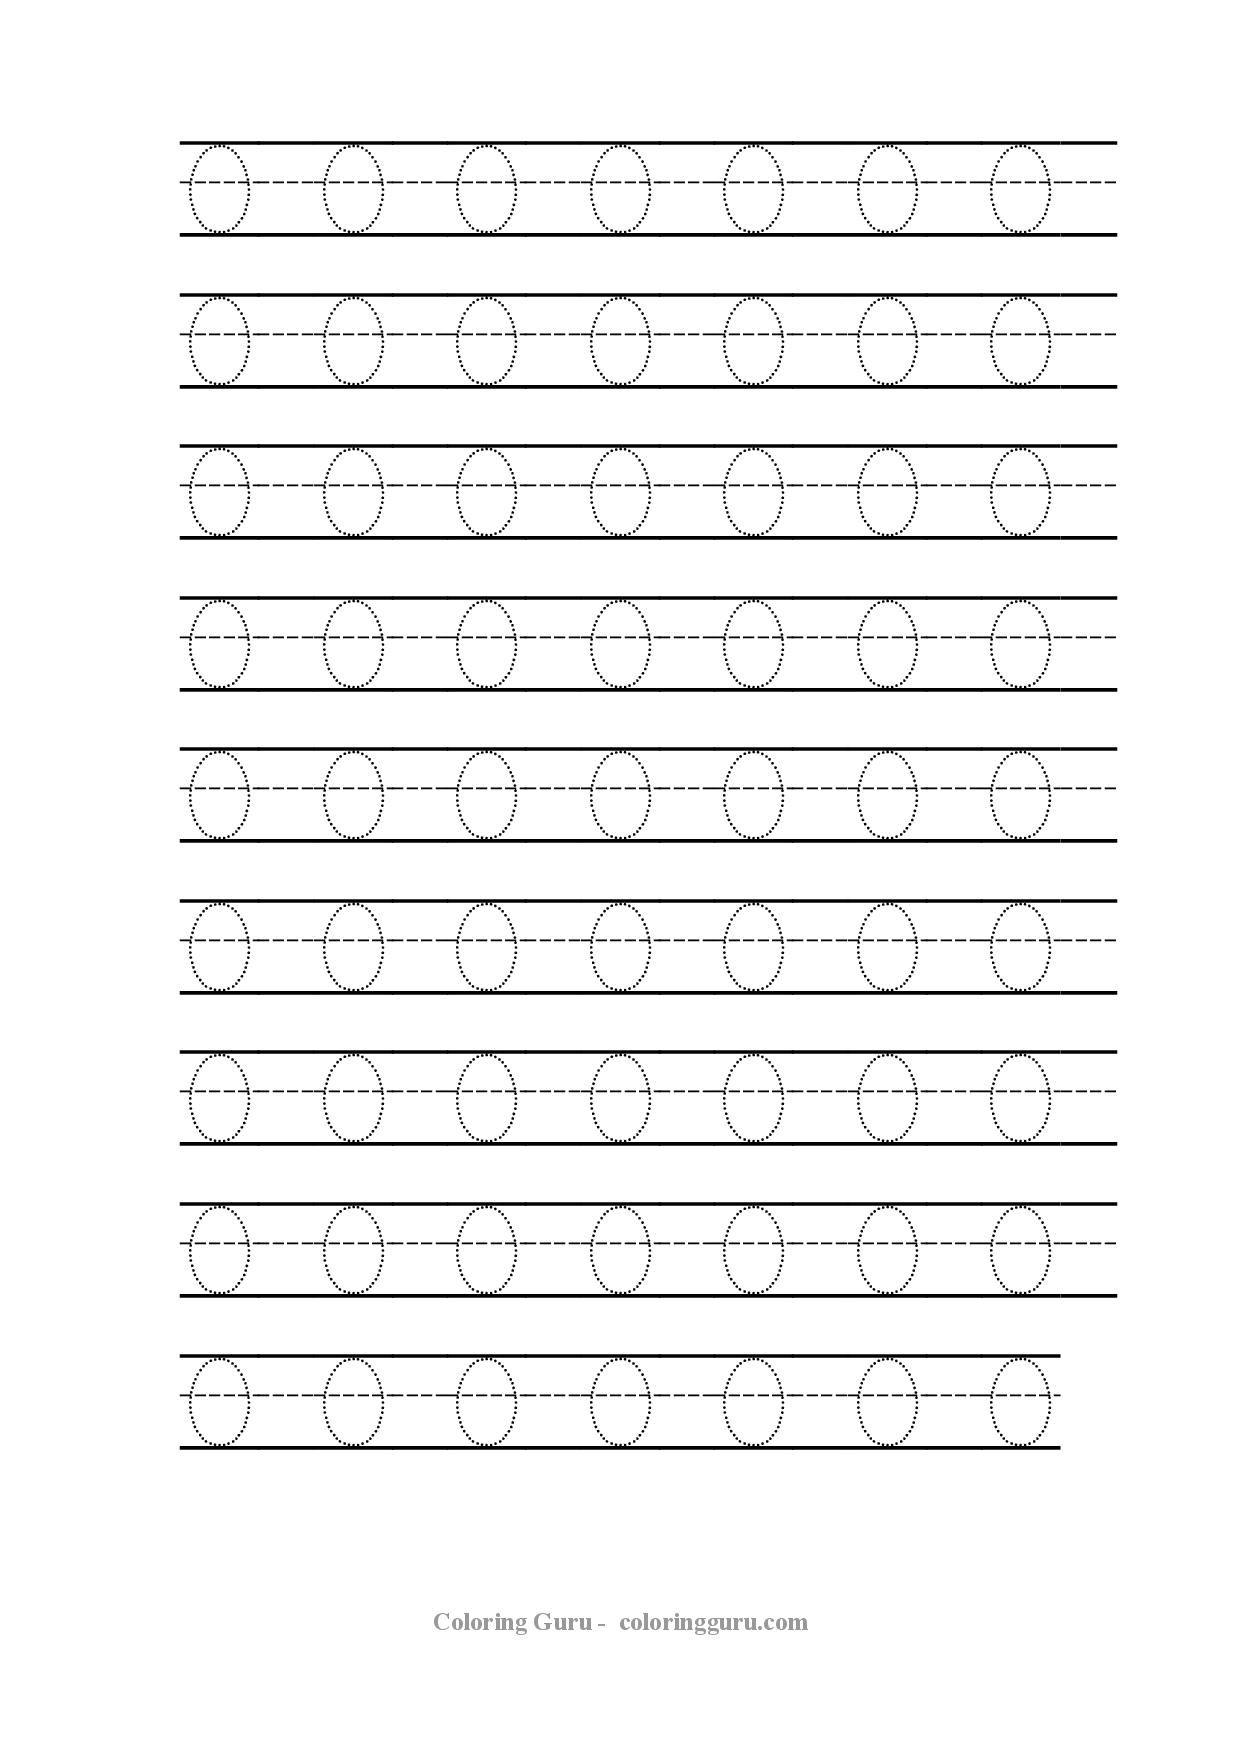 Free Printable Tracing Number 0 Worksheets Handwriting Worksheets For Kids Free Handwriting Worksheets Tracing Worksheets [ 1754 x 1240 Pixel ]